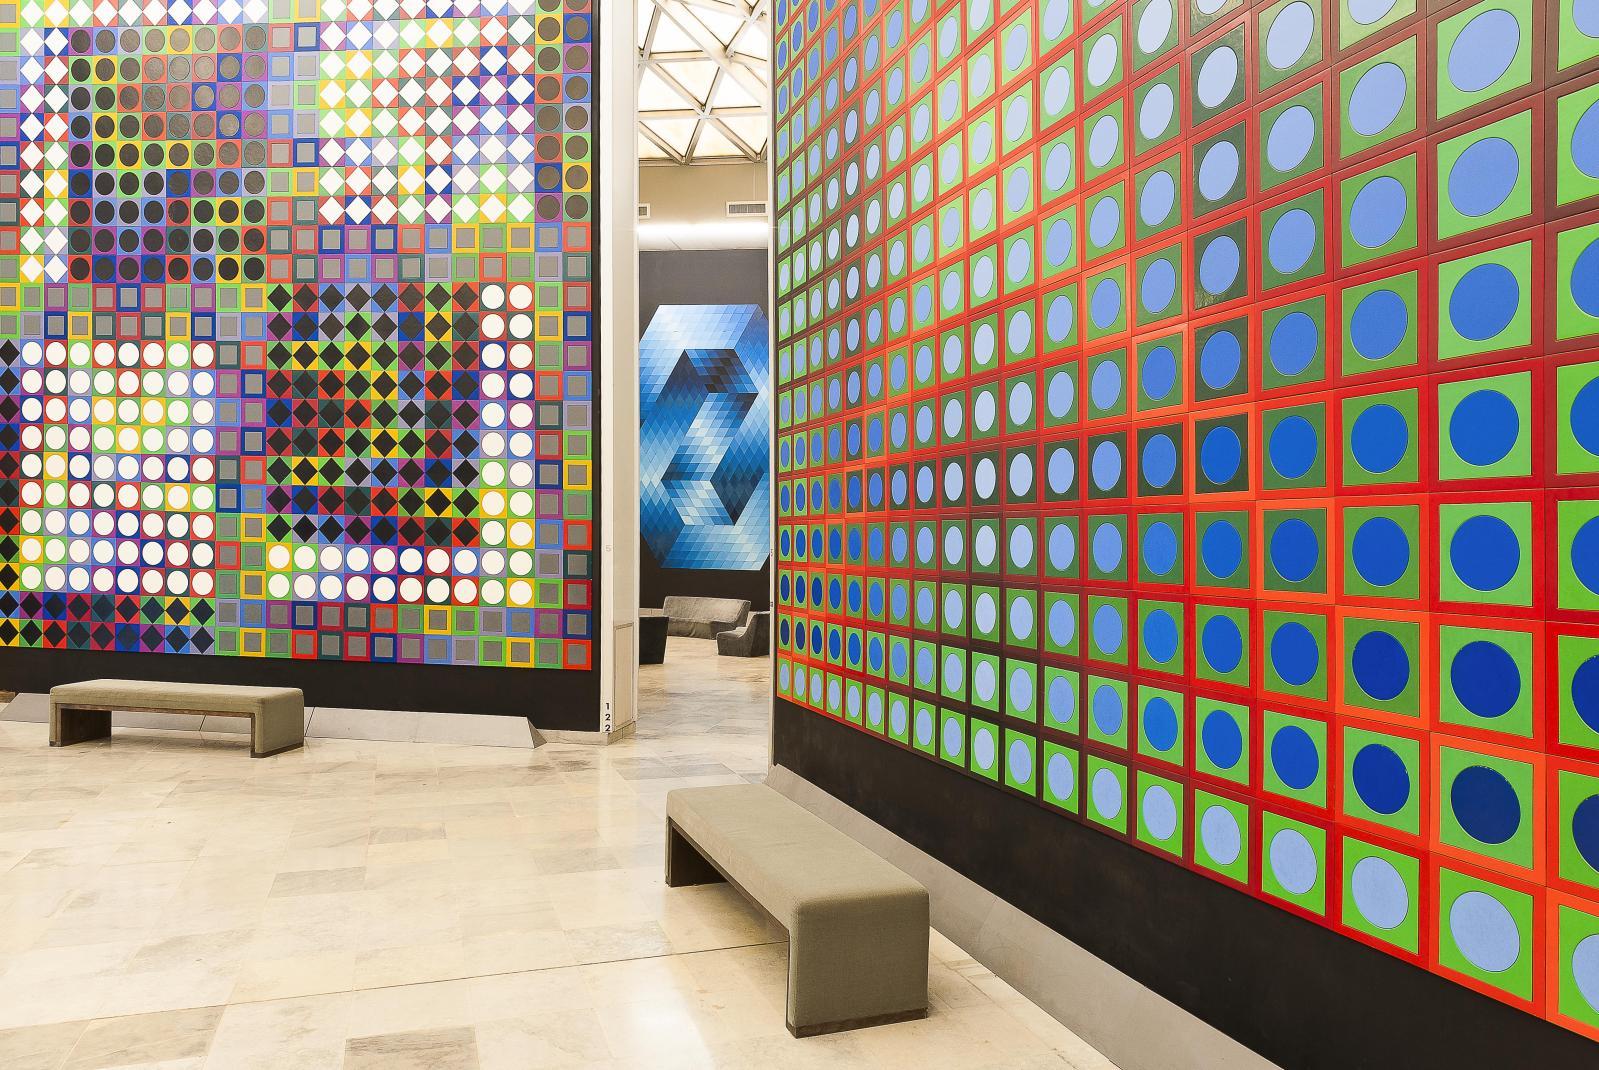 Our-M.C et Kezdi, 1965-1976 et 1966-1976, intégrations murales par cartons collés, 624x576cm et 570x570cm. Centre architectonique, salle5, Aix-